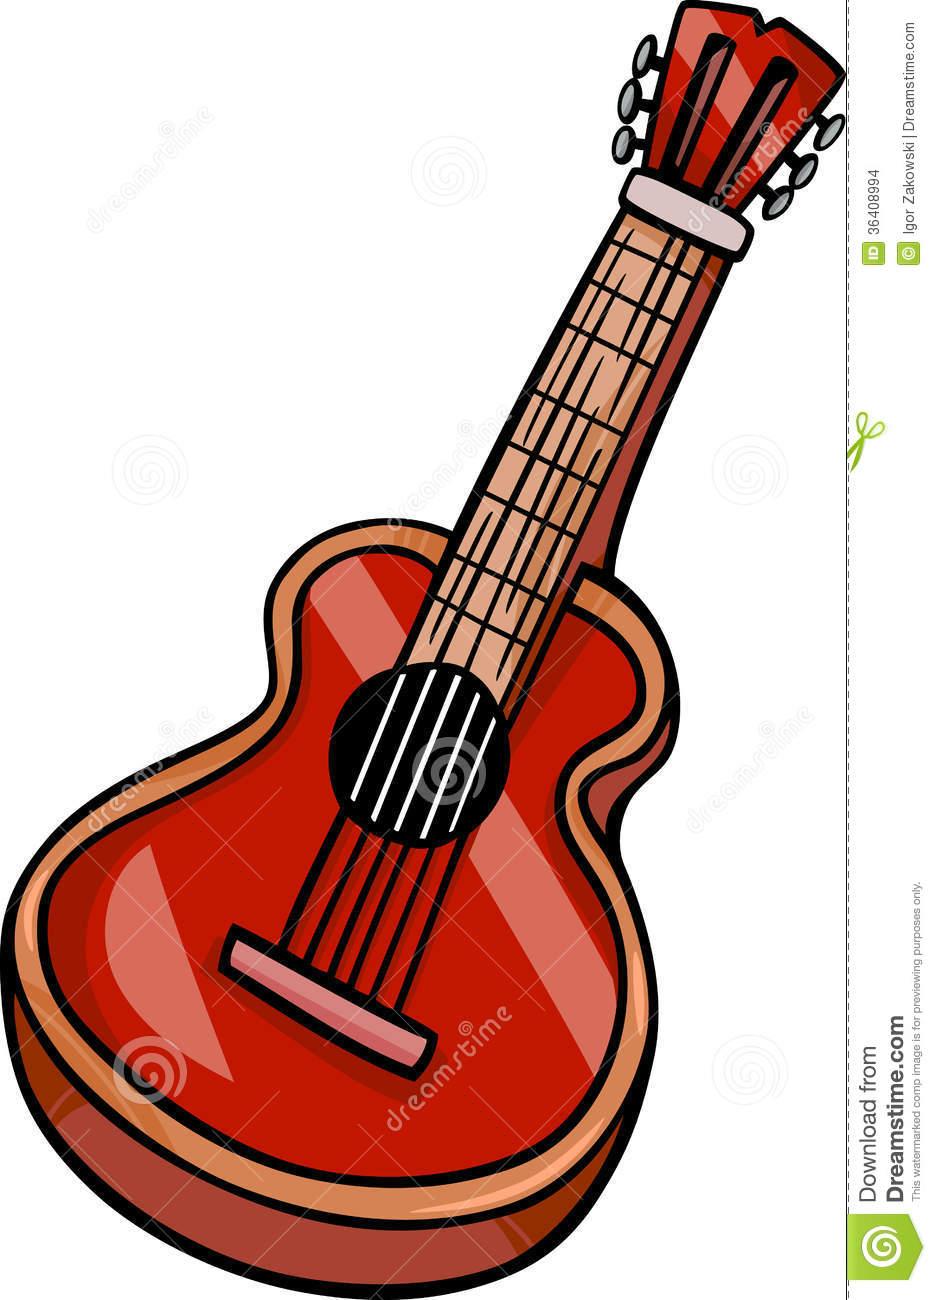 Gitara clipart vector Gitara clipart 3 » Clipart Station vector